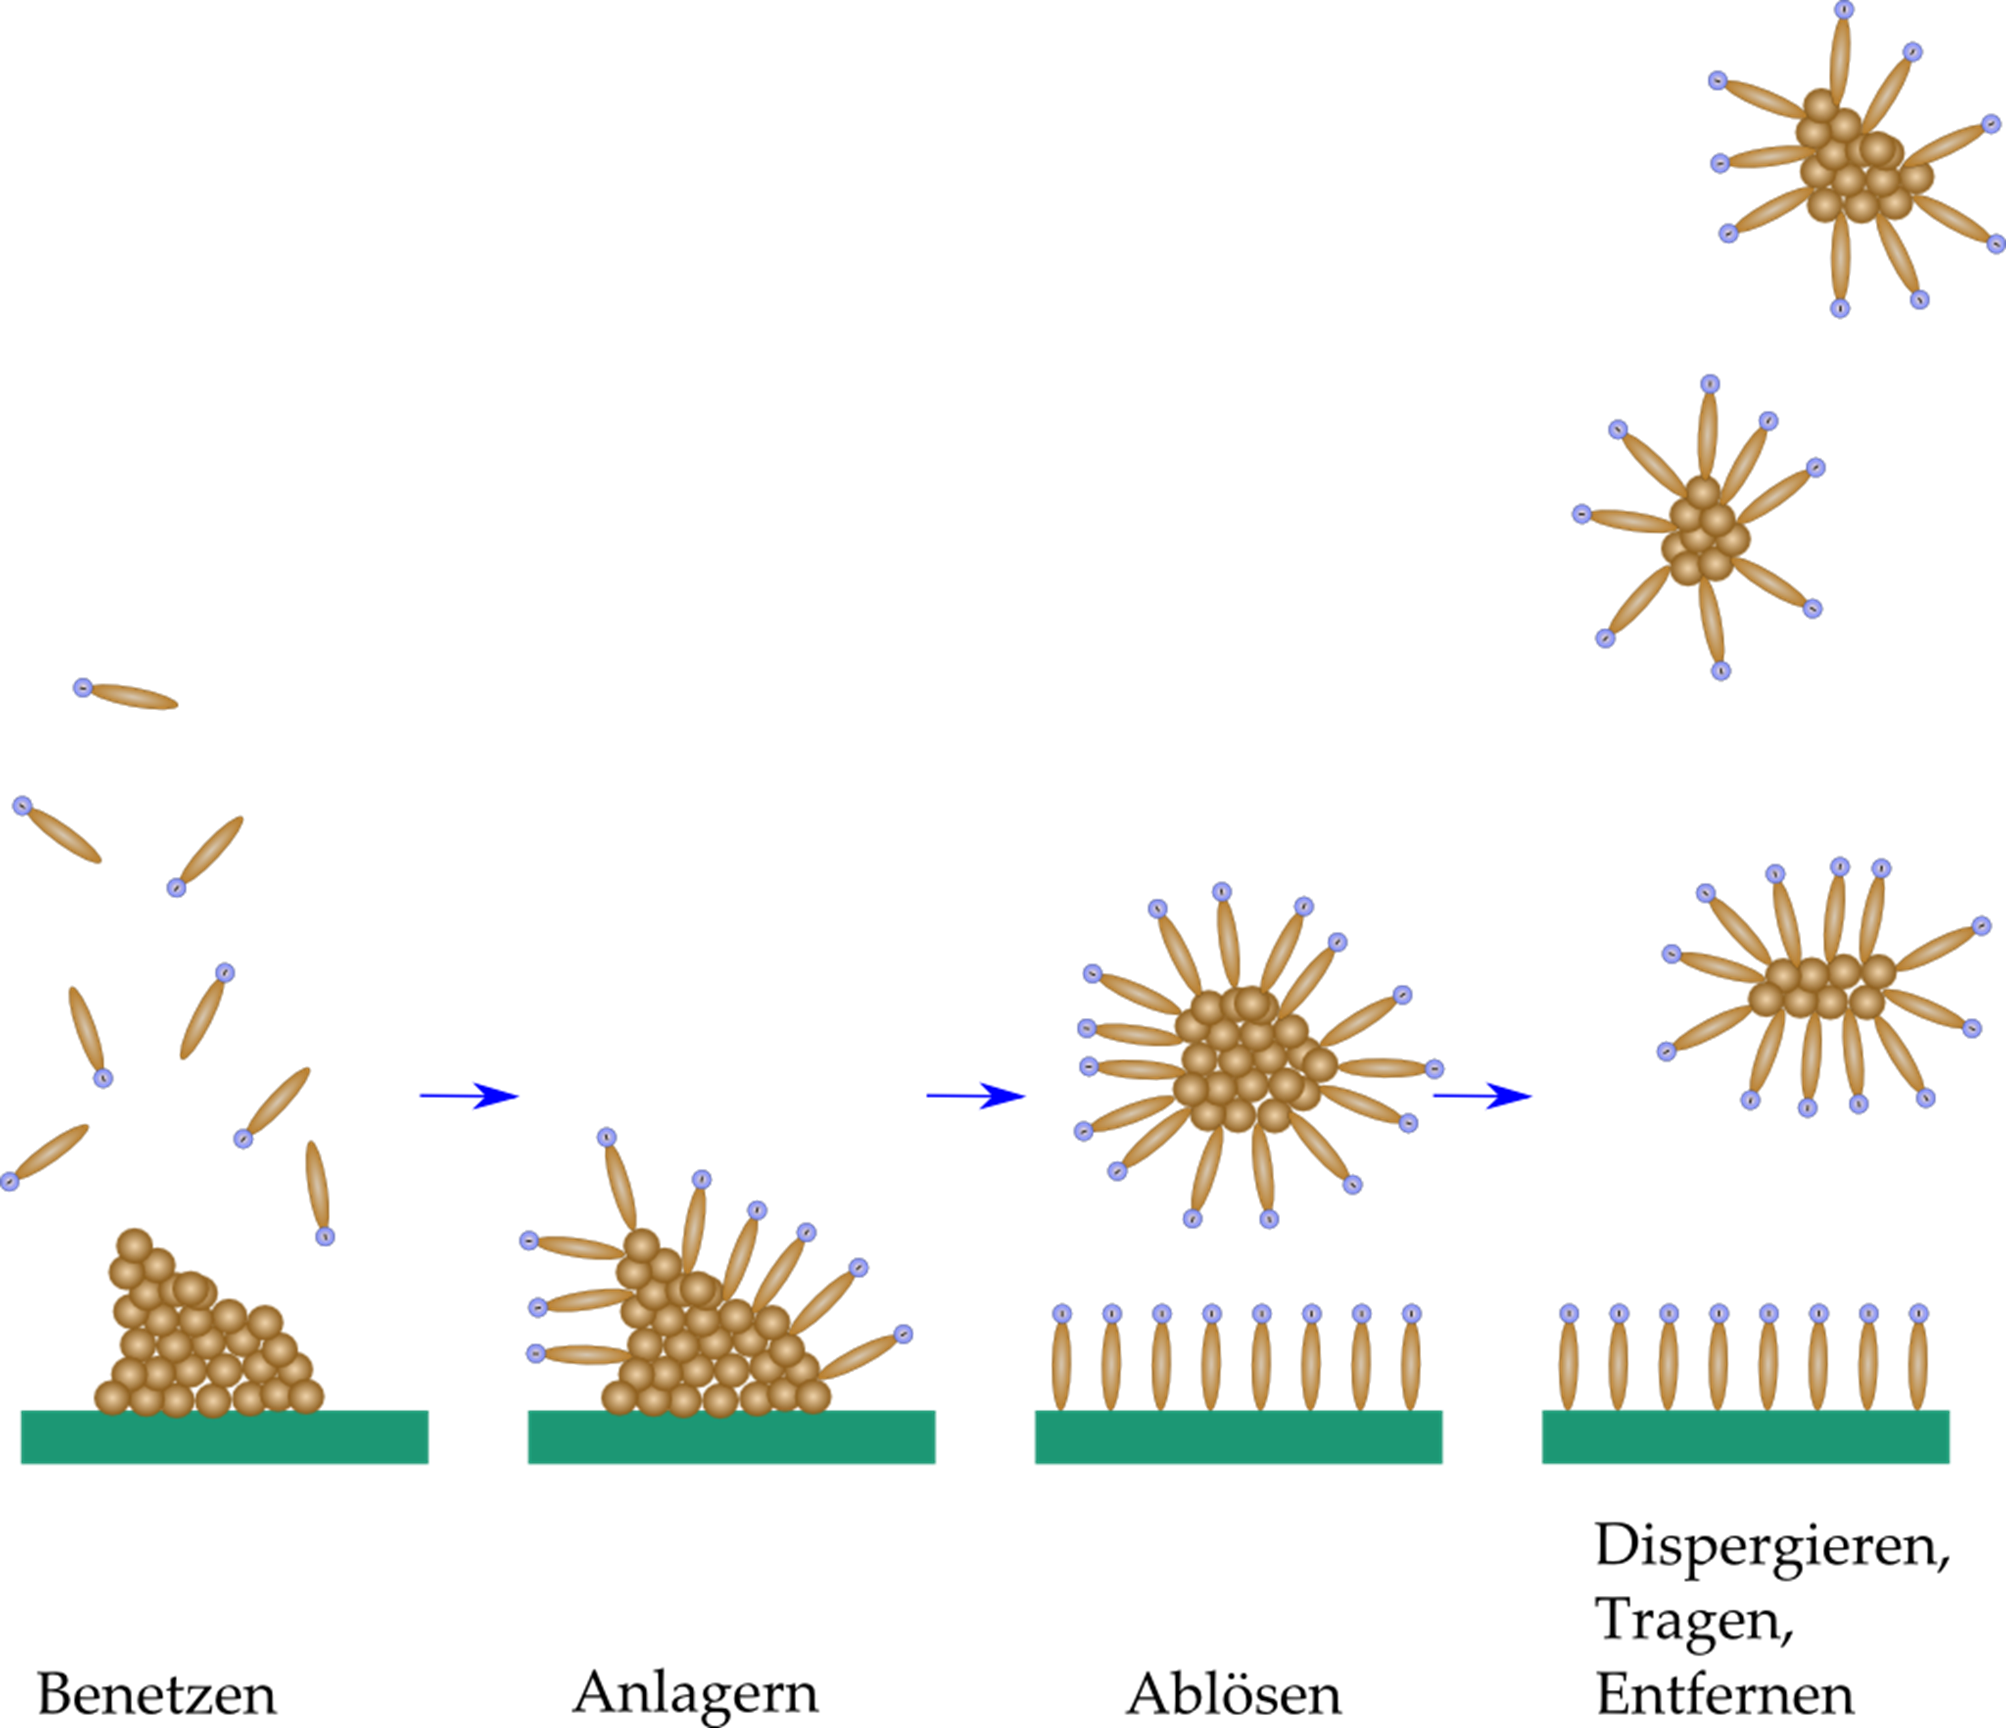 Baumstumpf Entfernen Mit Chemie : waschwirkung organische chemie abitur vorbereitung ~ Frokenaadalensverden.com Haus und Dekorationen